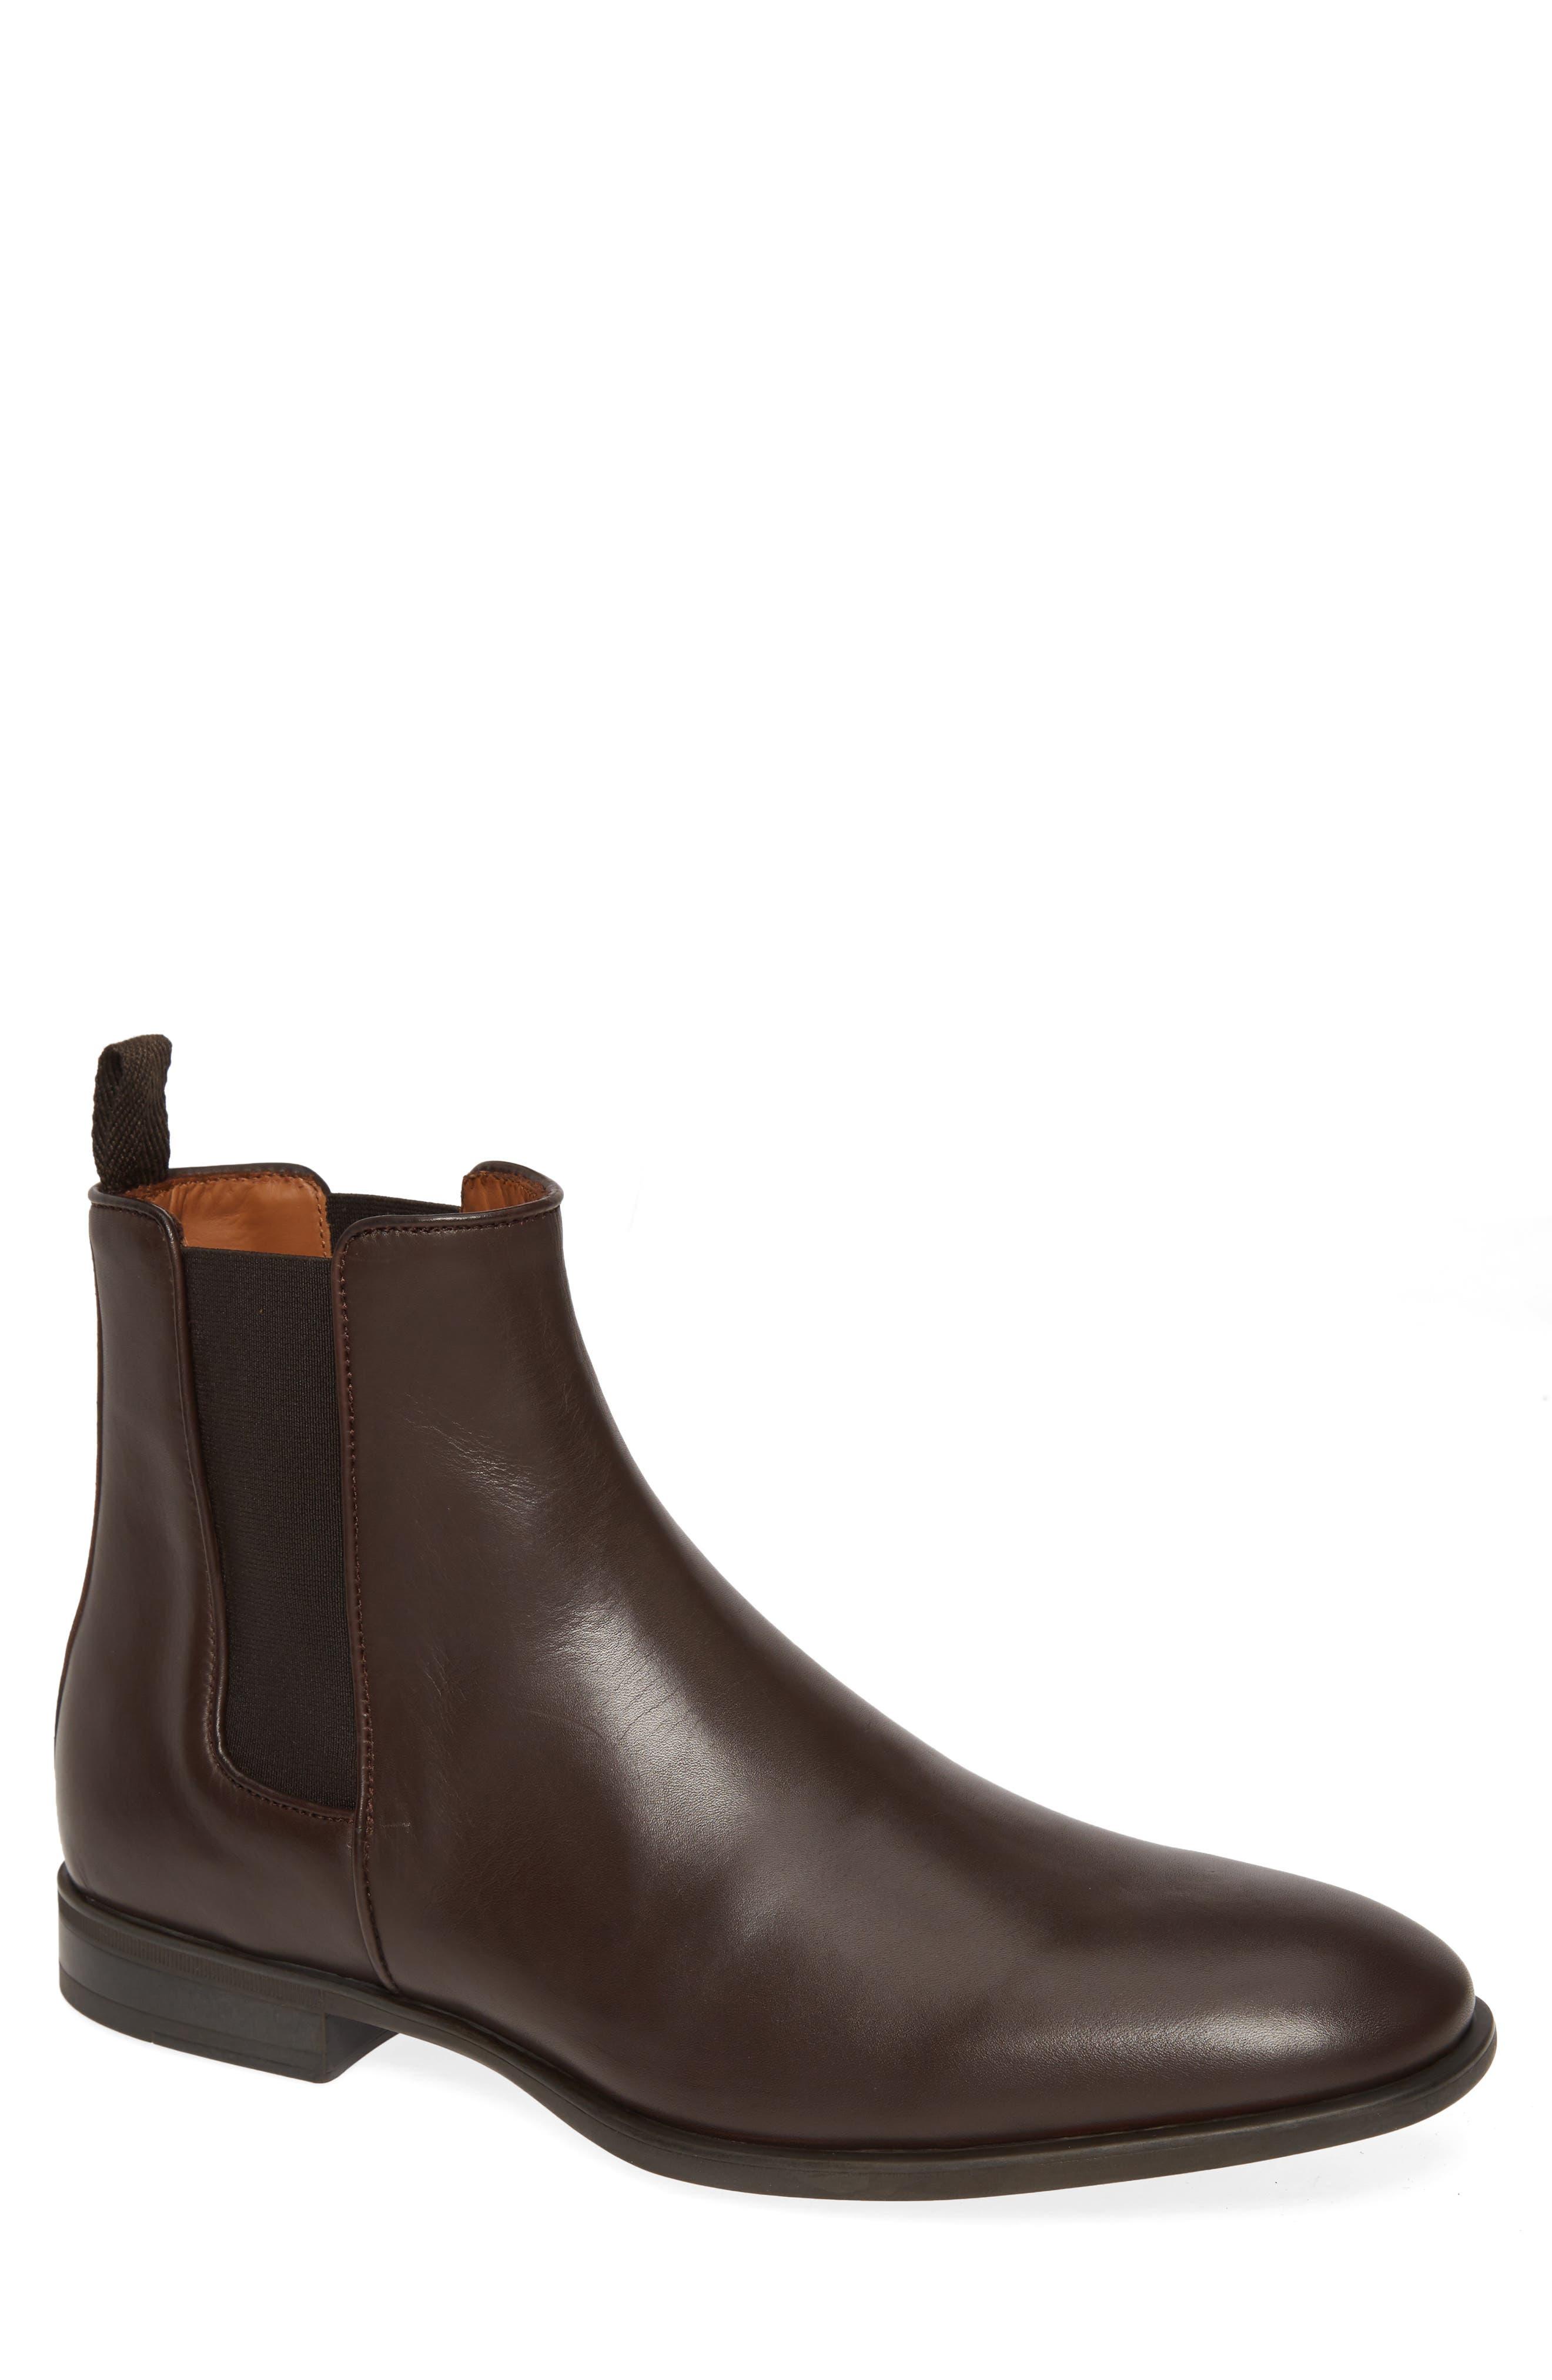 Mens Aquatalia Boots | Nordstrom